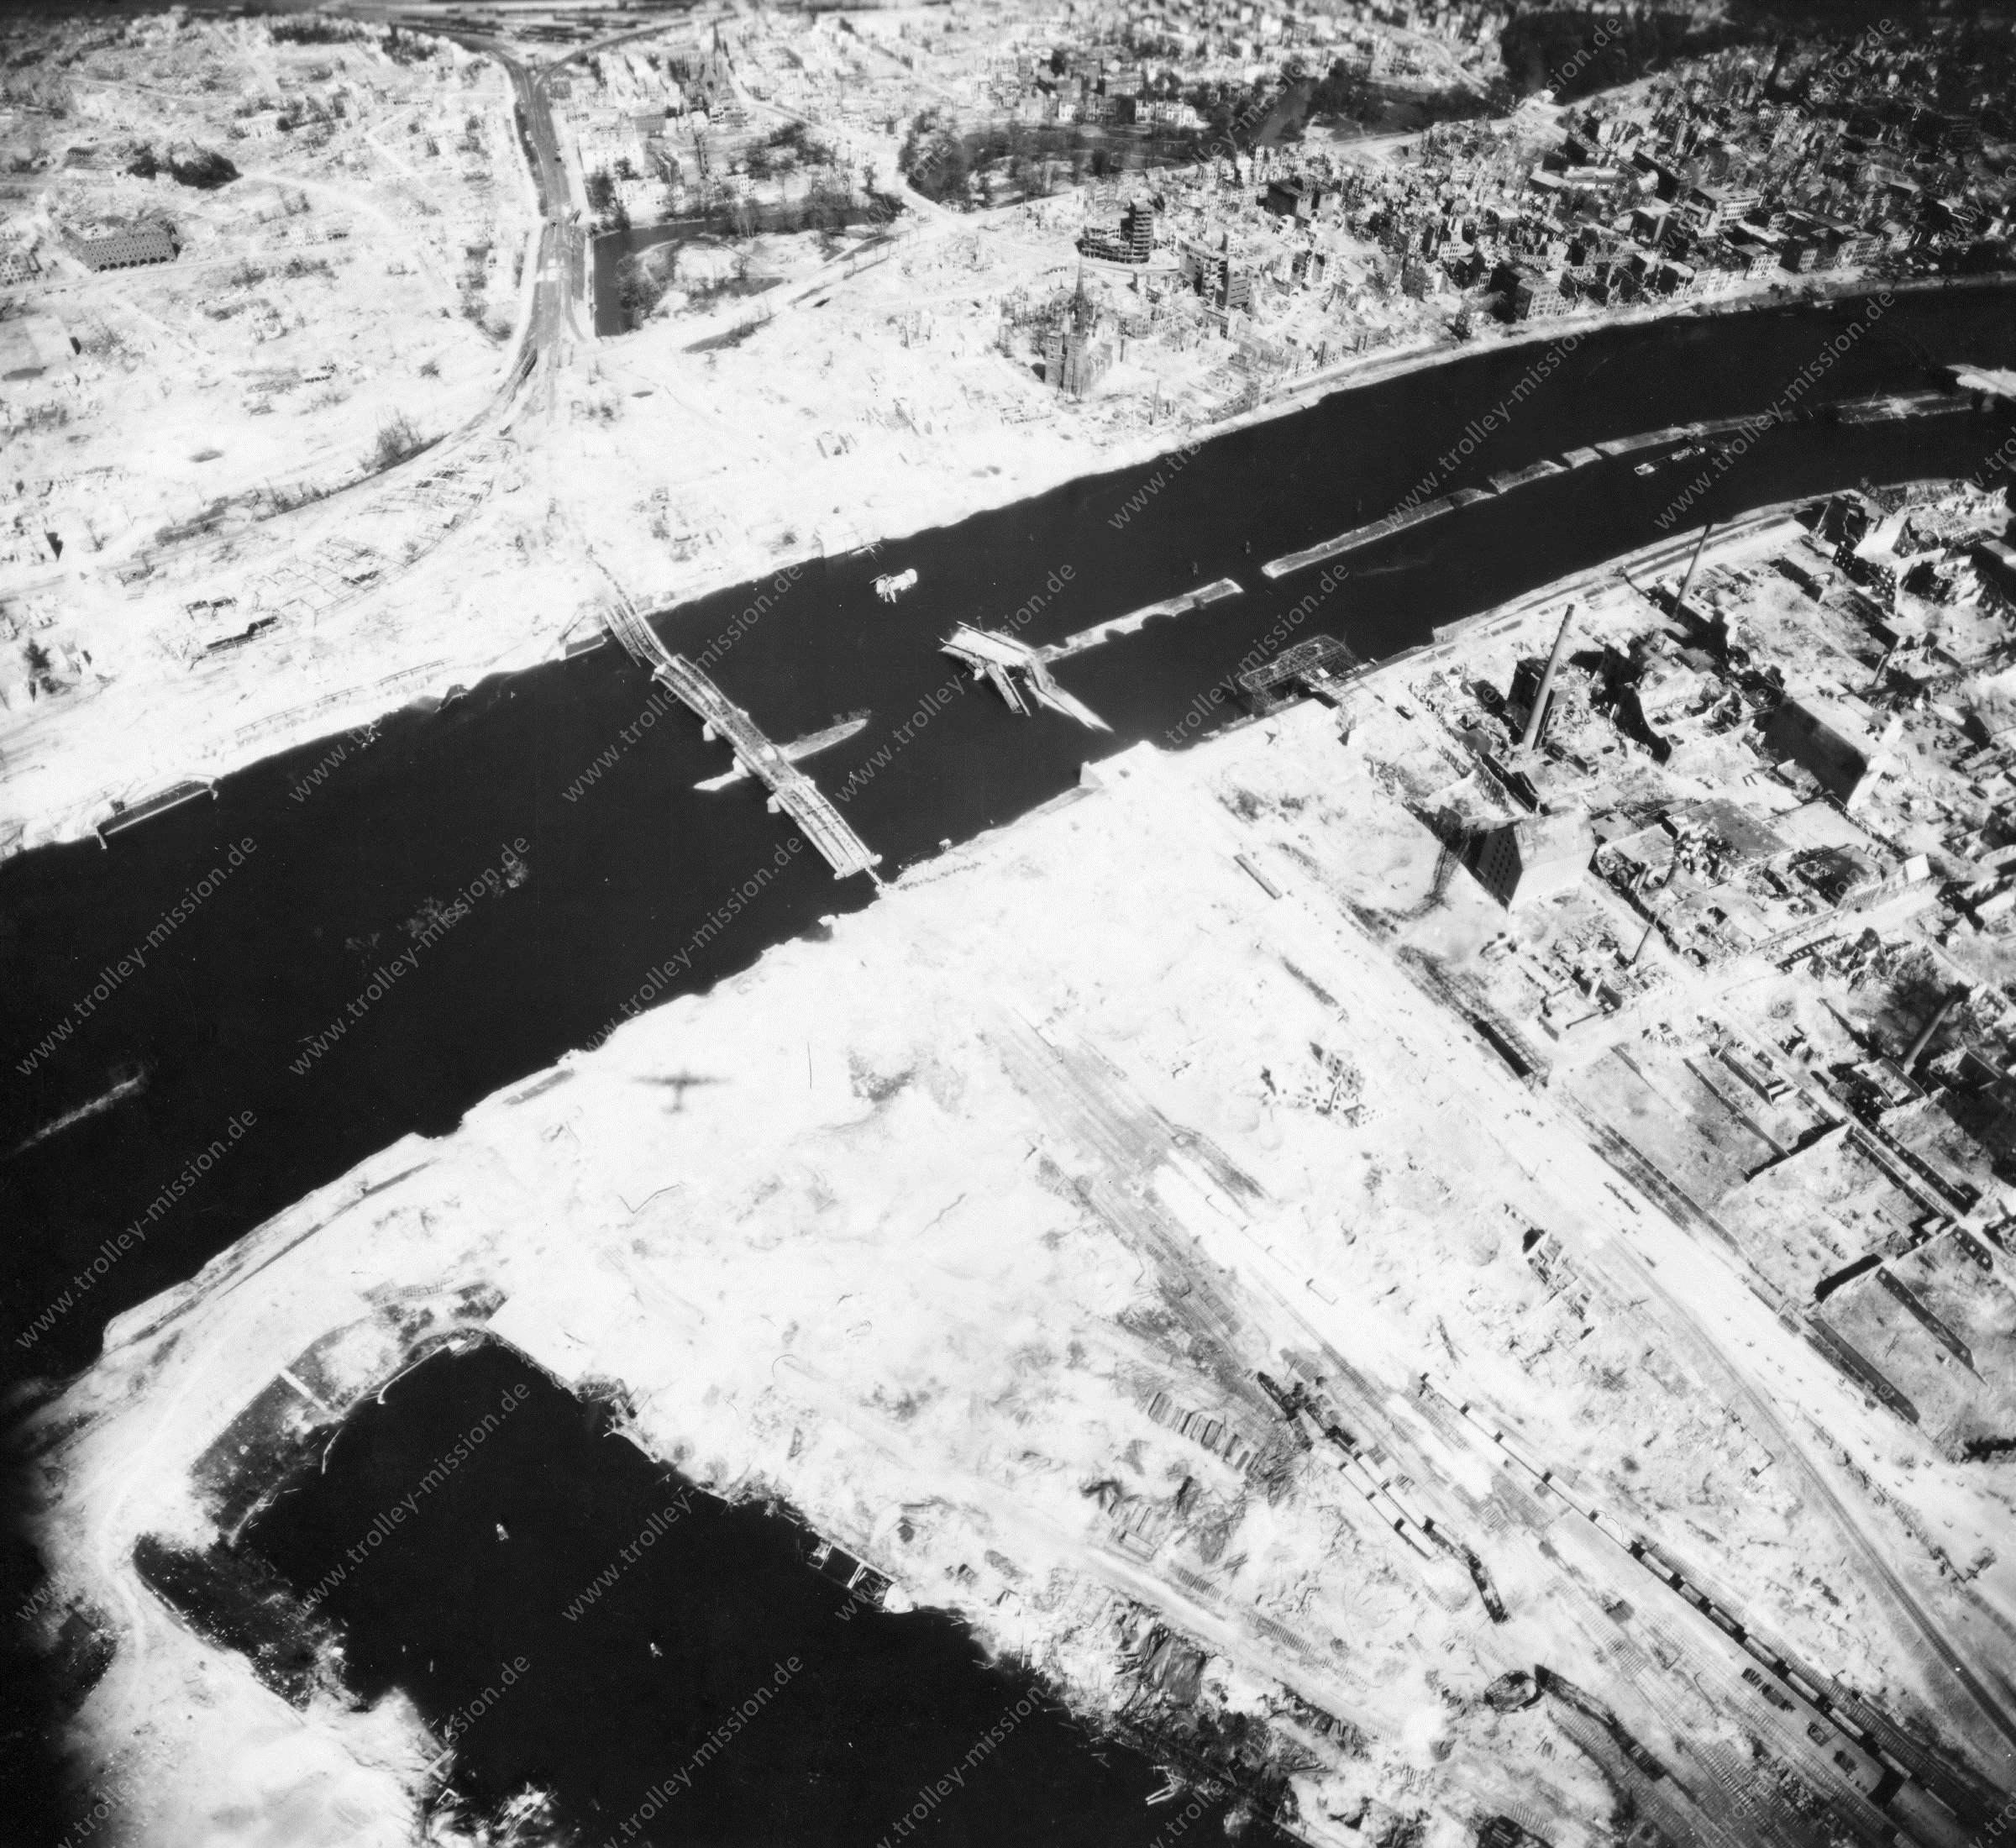 Luftbild von Bremen am 12. Mai 1945 - Luftbildserie 9/12 der US Air Force